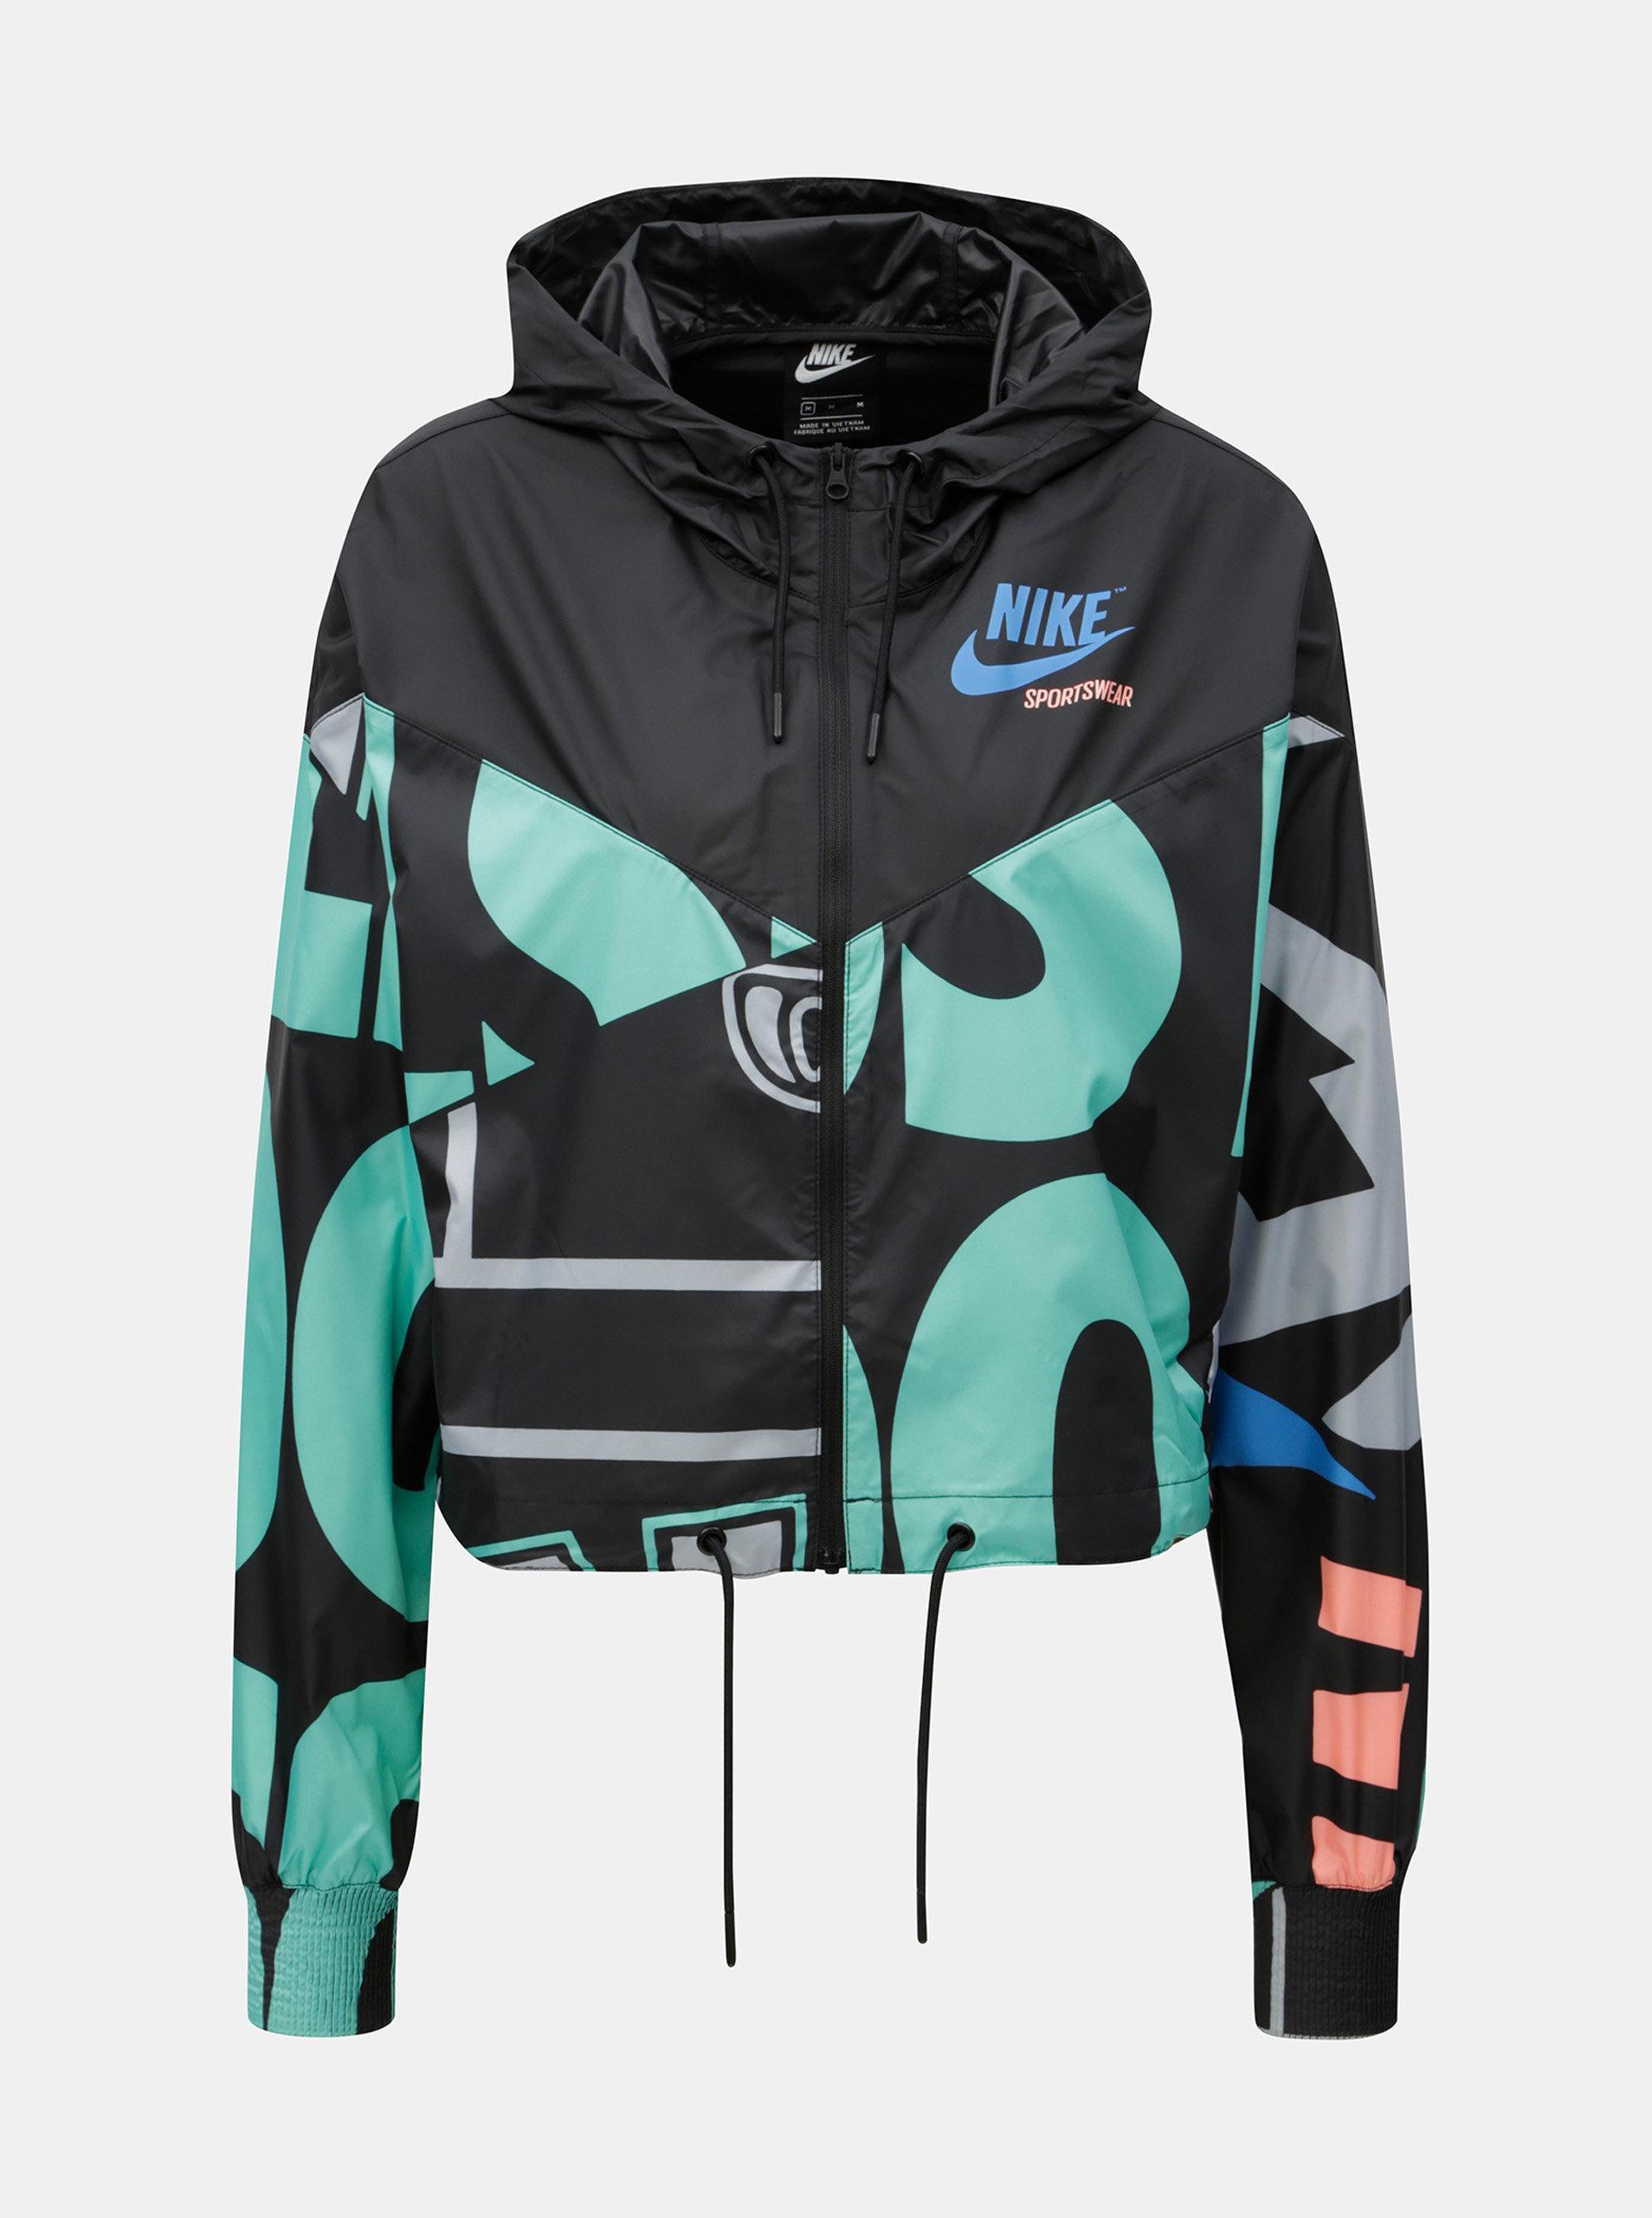 Zeleno-černá dámská krátká vzorovaná bunda Nike ... 624cef6c49